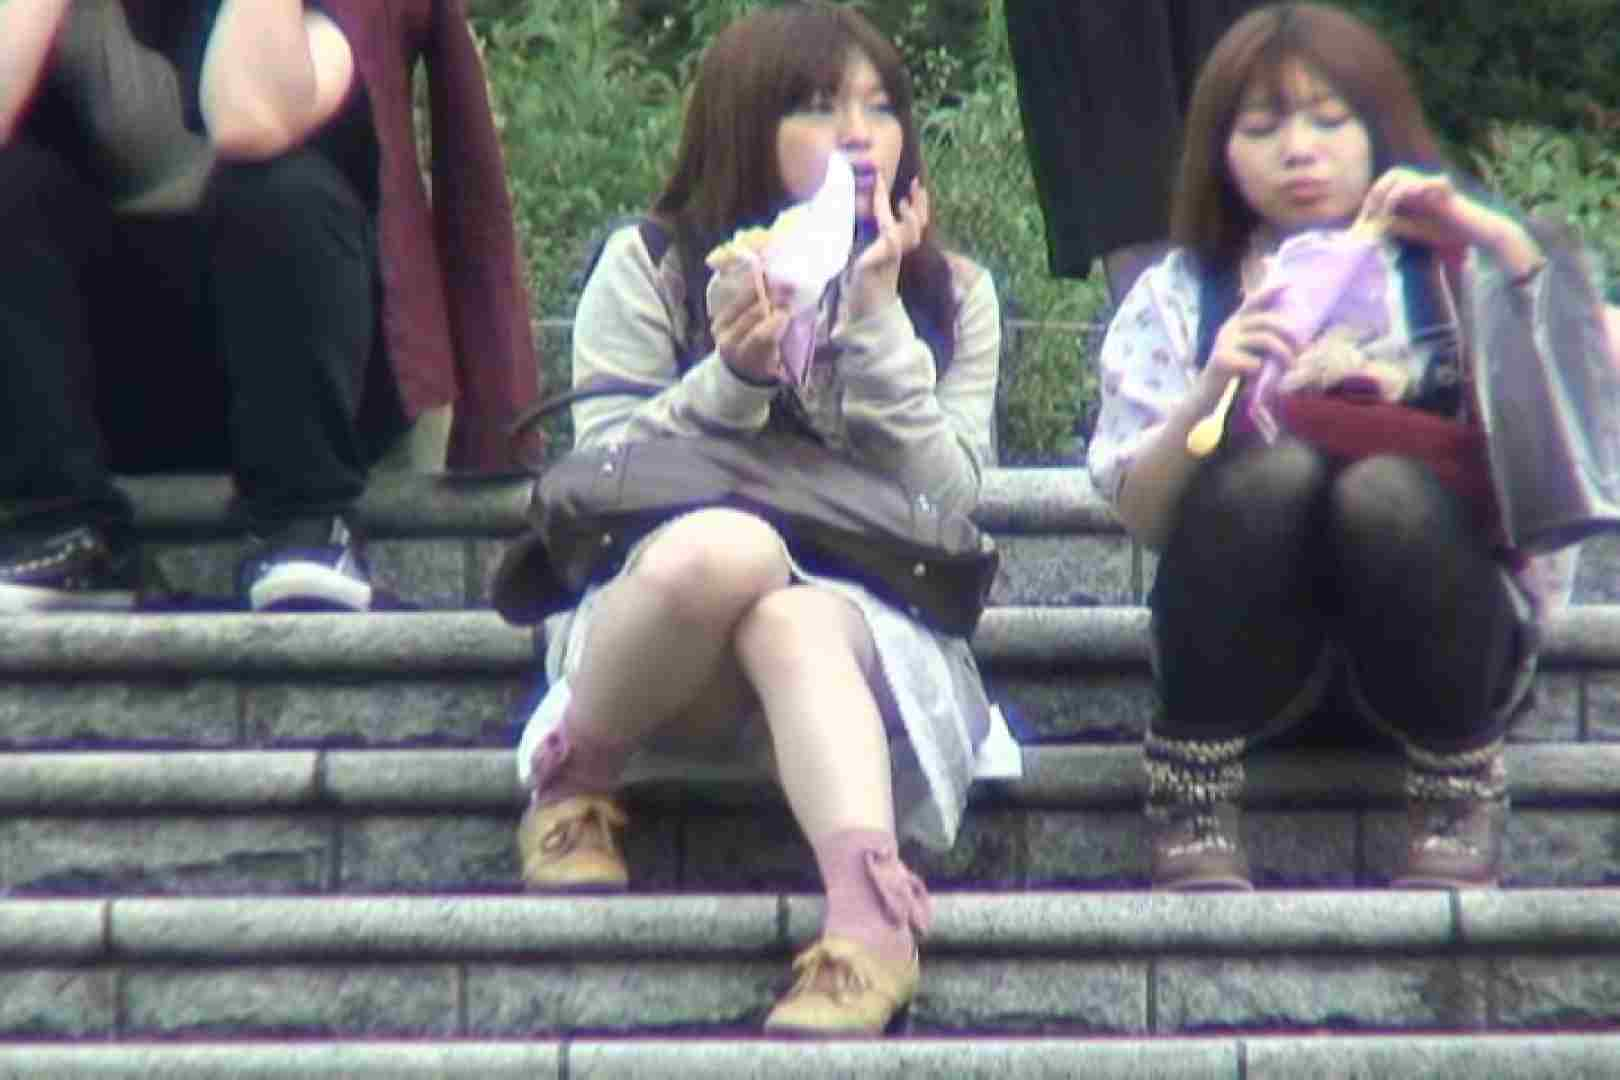 超最新版!春夏秋冬 vol.04 オマタ おめこ無修正動画無料 97pic 85